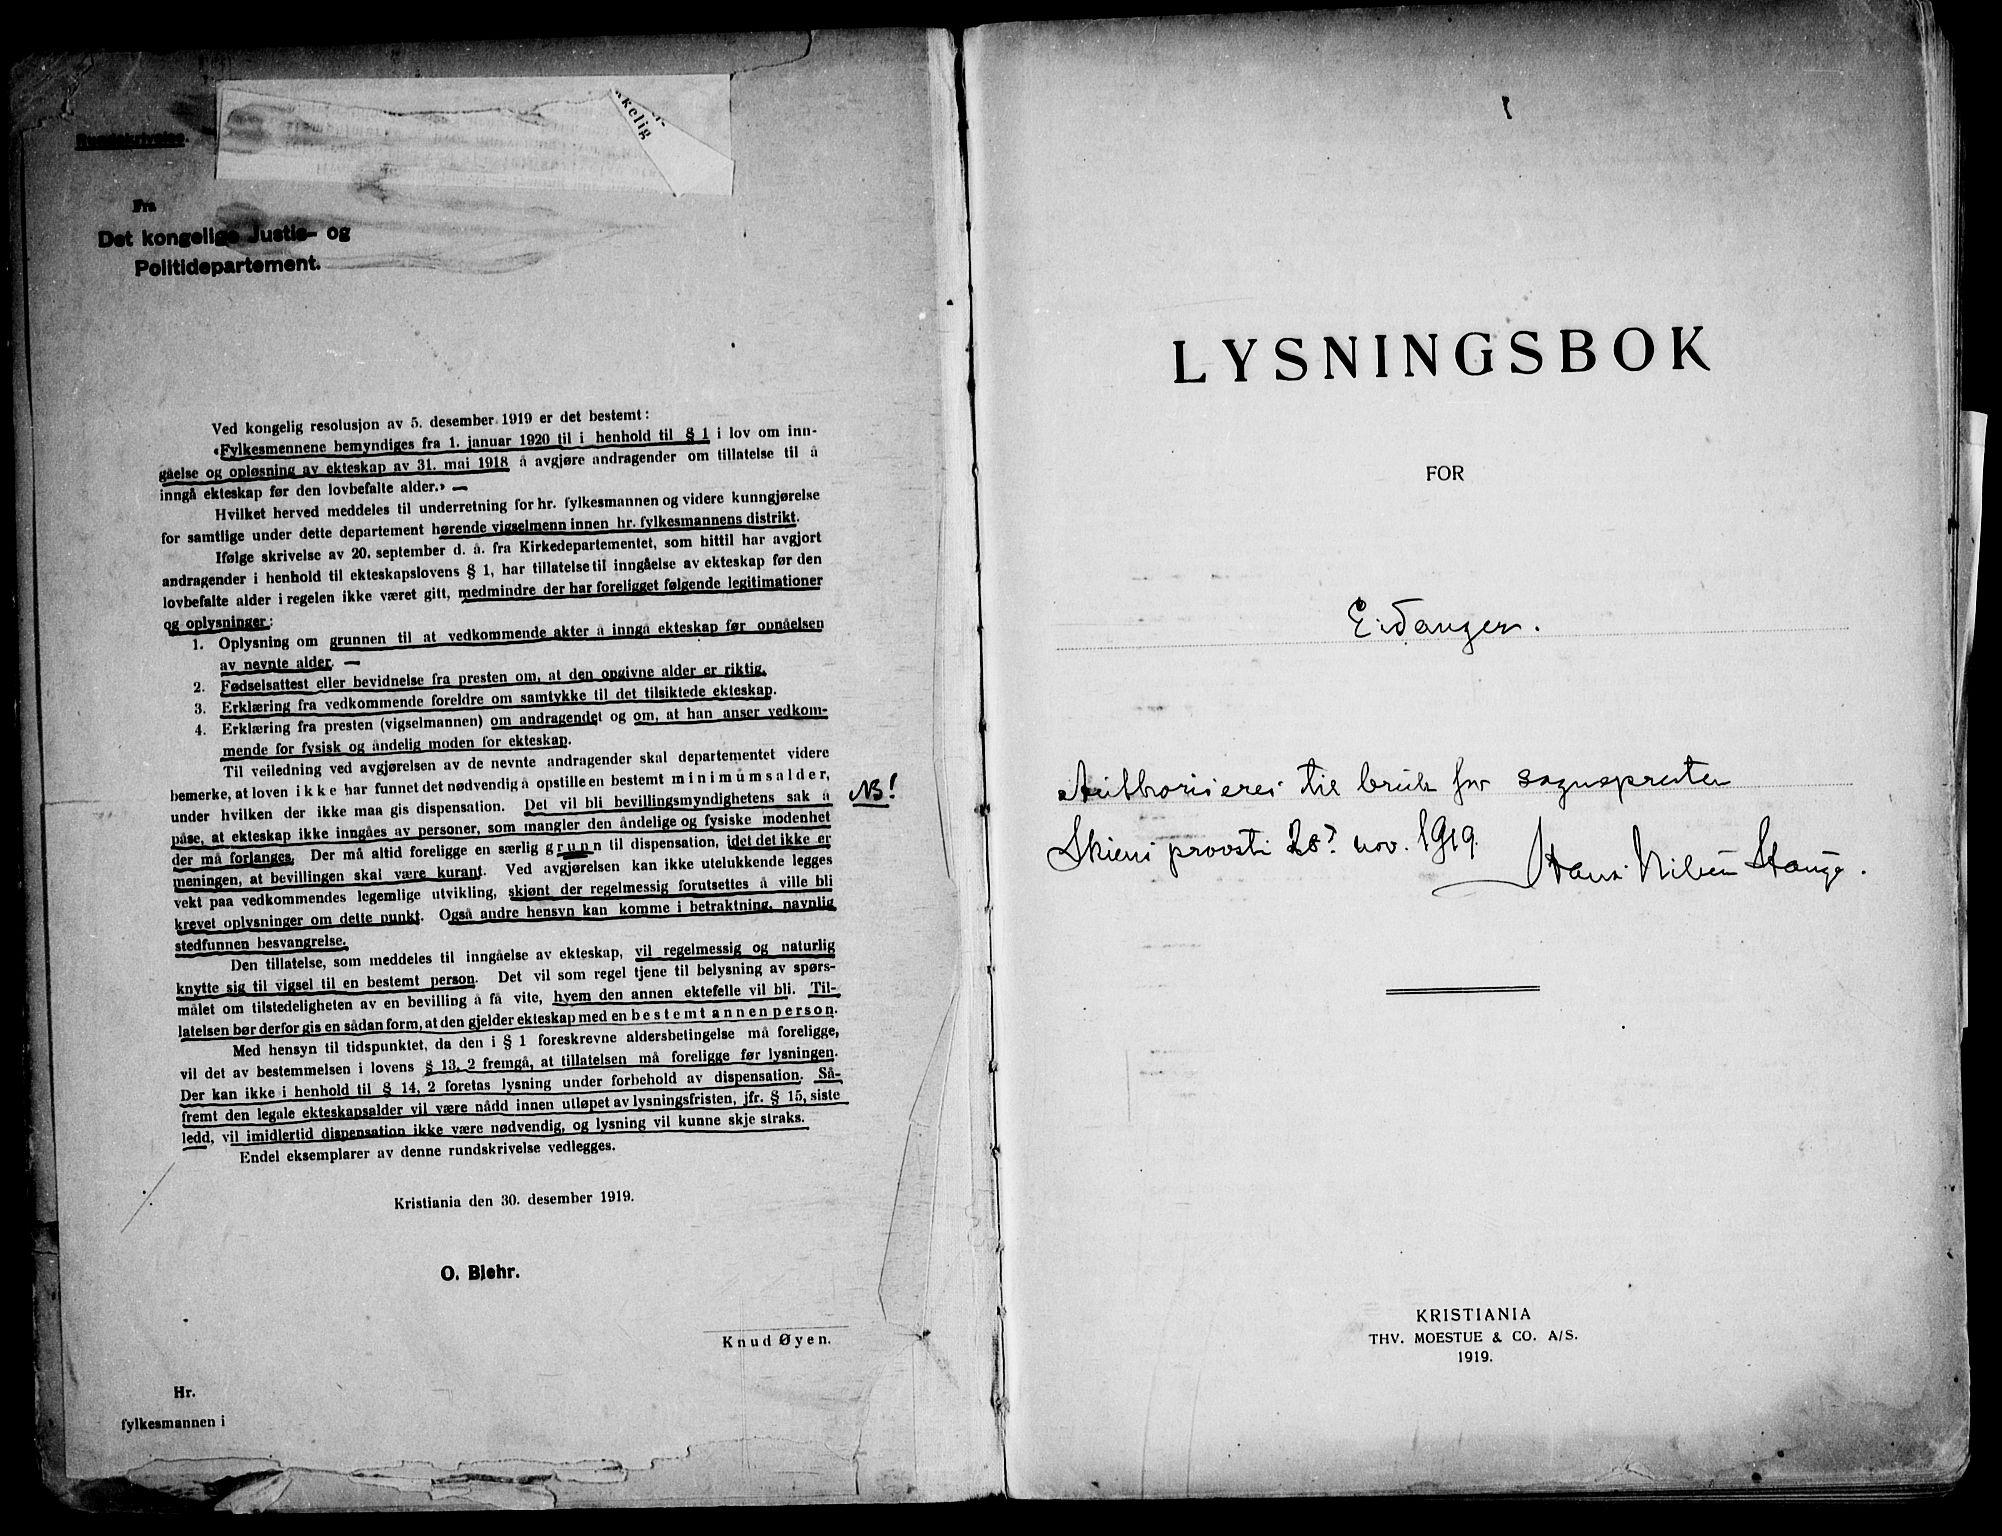 SAKO, Eidanger kirkebøker, H/Ha/L0003: Lysningsprotokoll nr. 3, 1919-1948